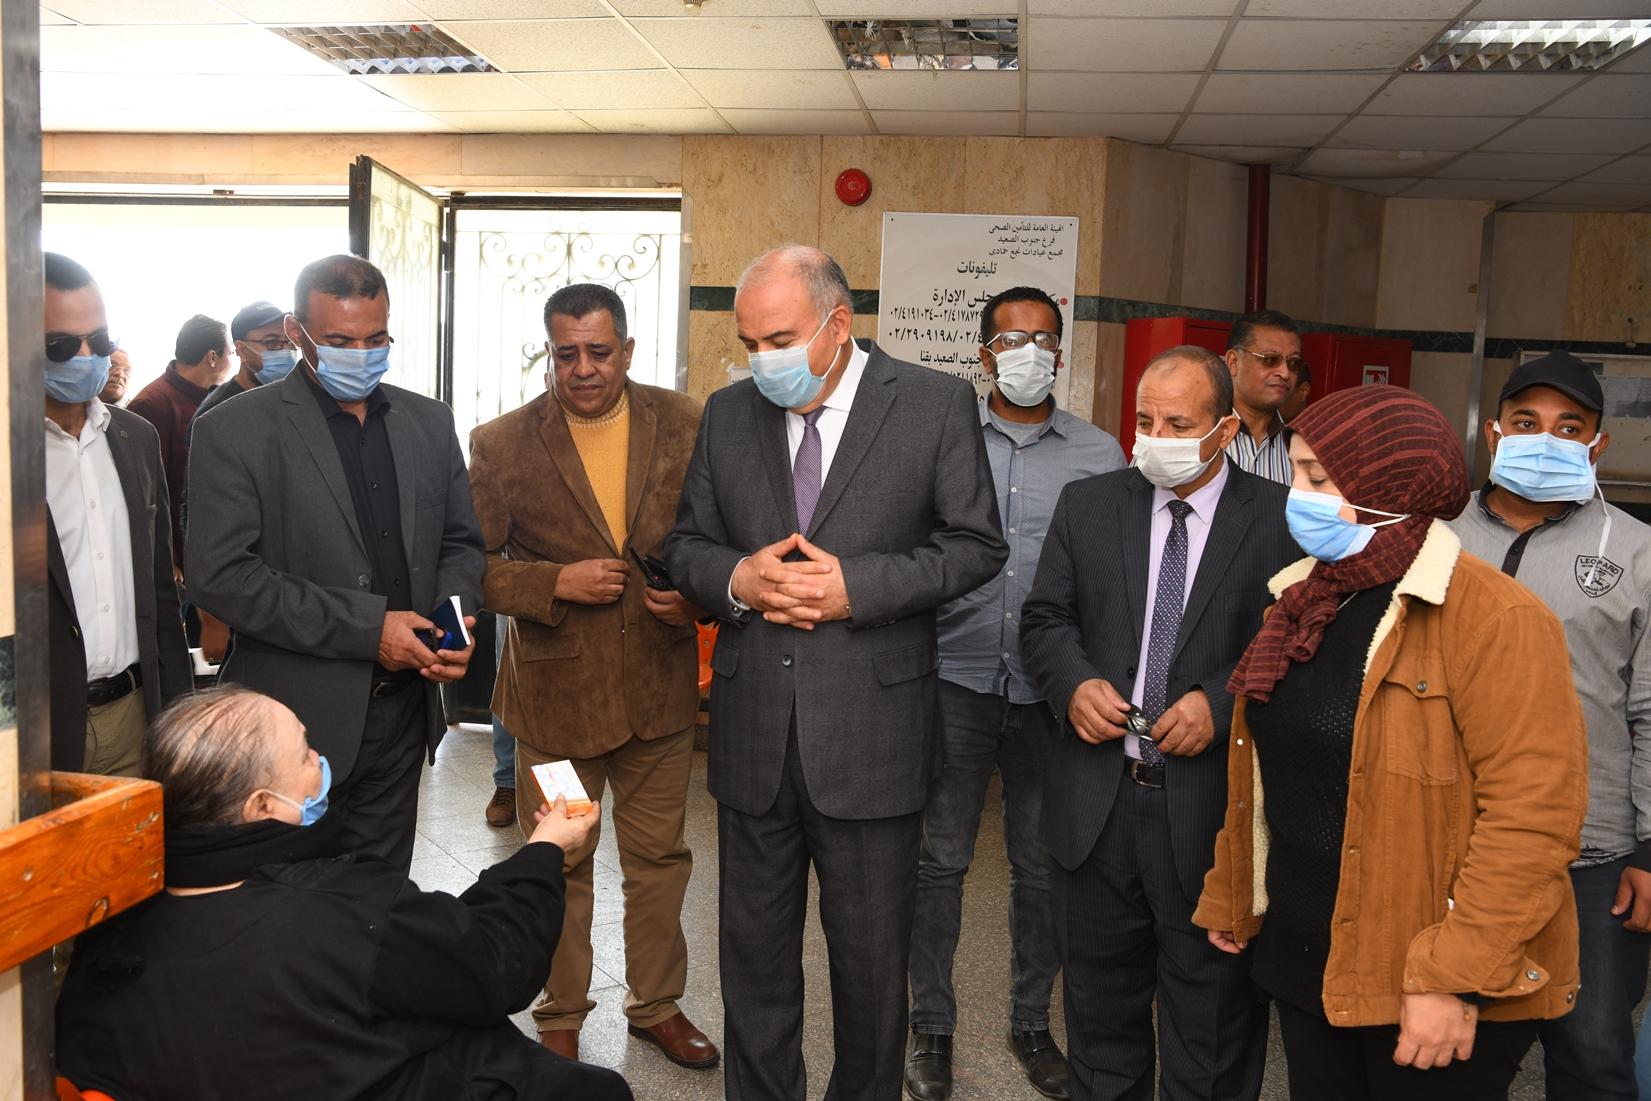 جولة مفاجئة لمحافظ قنا لمجمع عيادات التأمين الصحى بنجع حمادى (3)